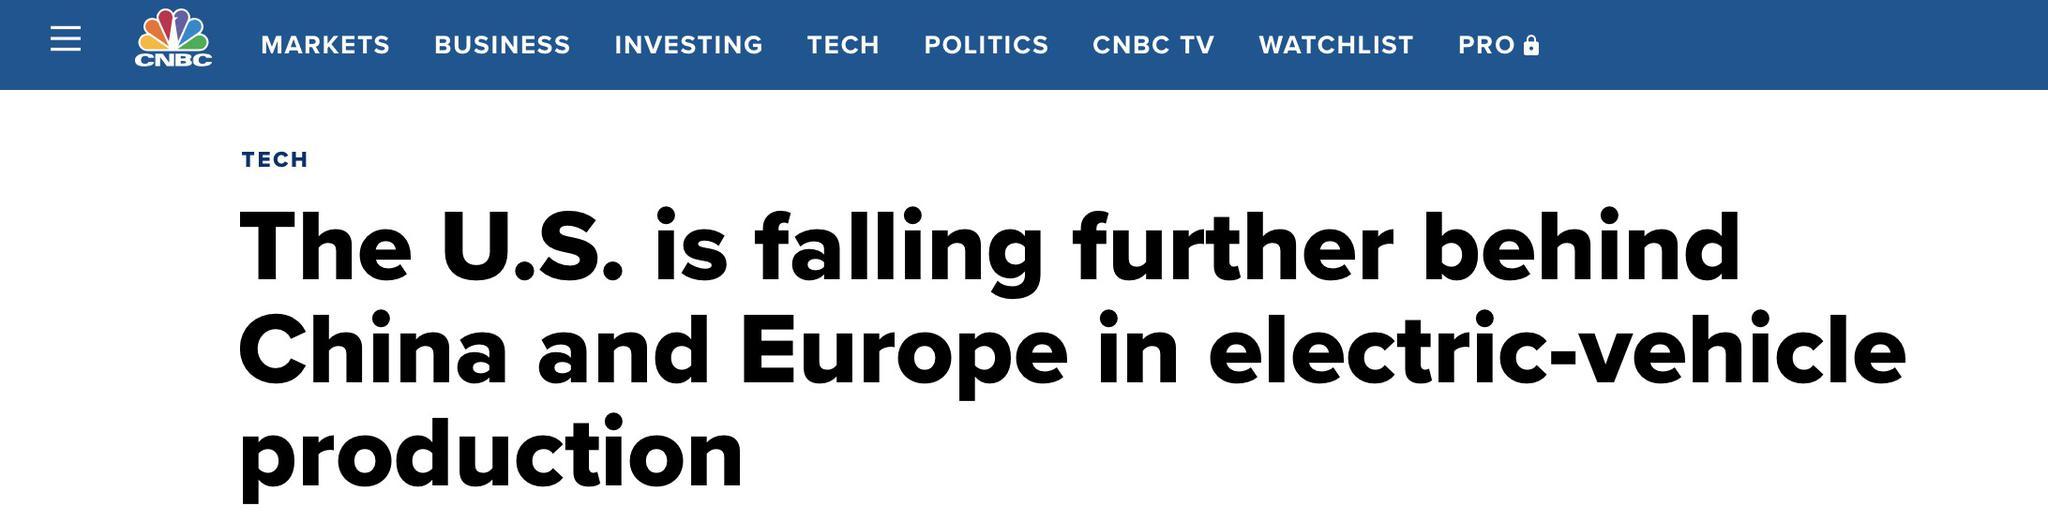 研究称美国在电动汽车领域落后中欧,美媒吐槽